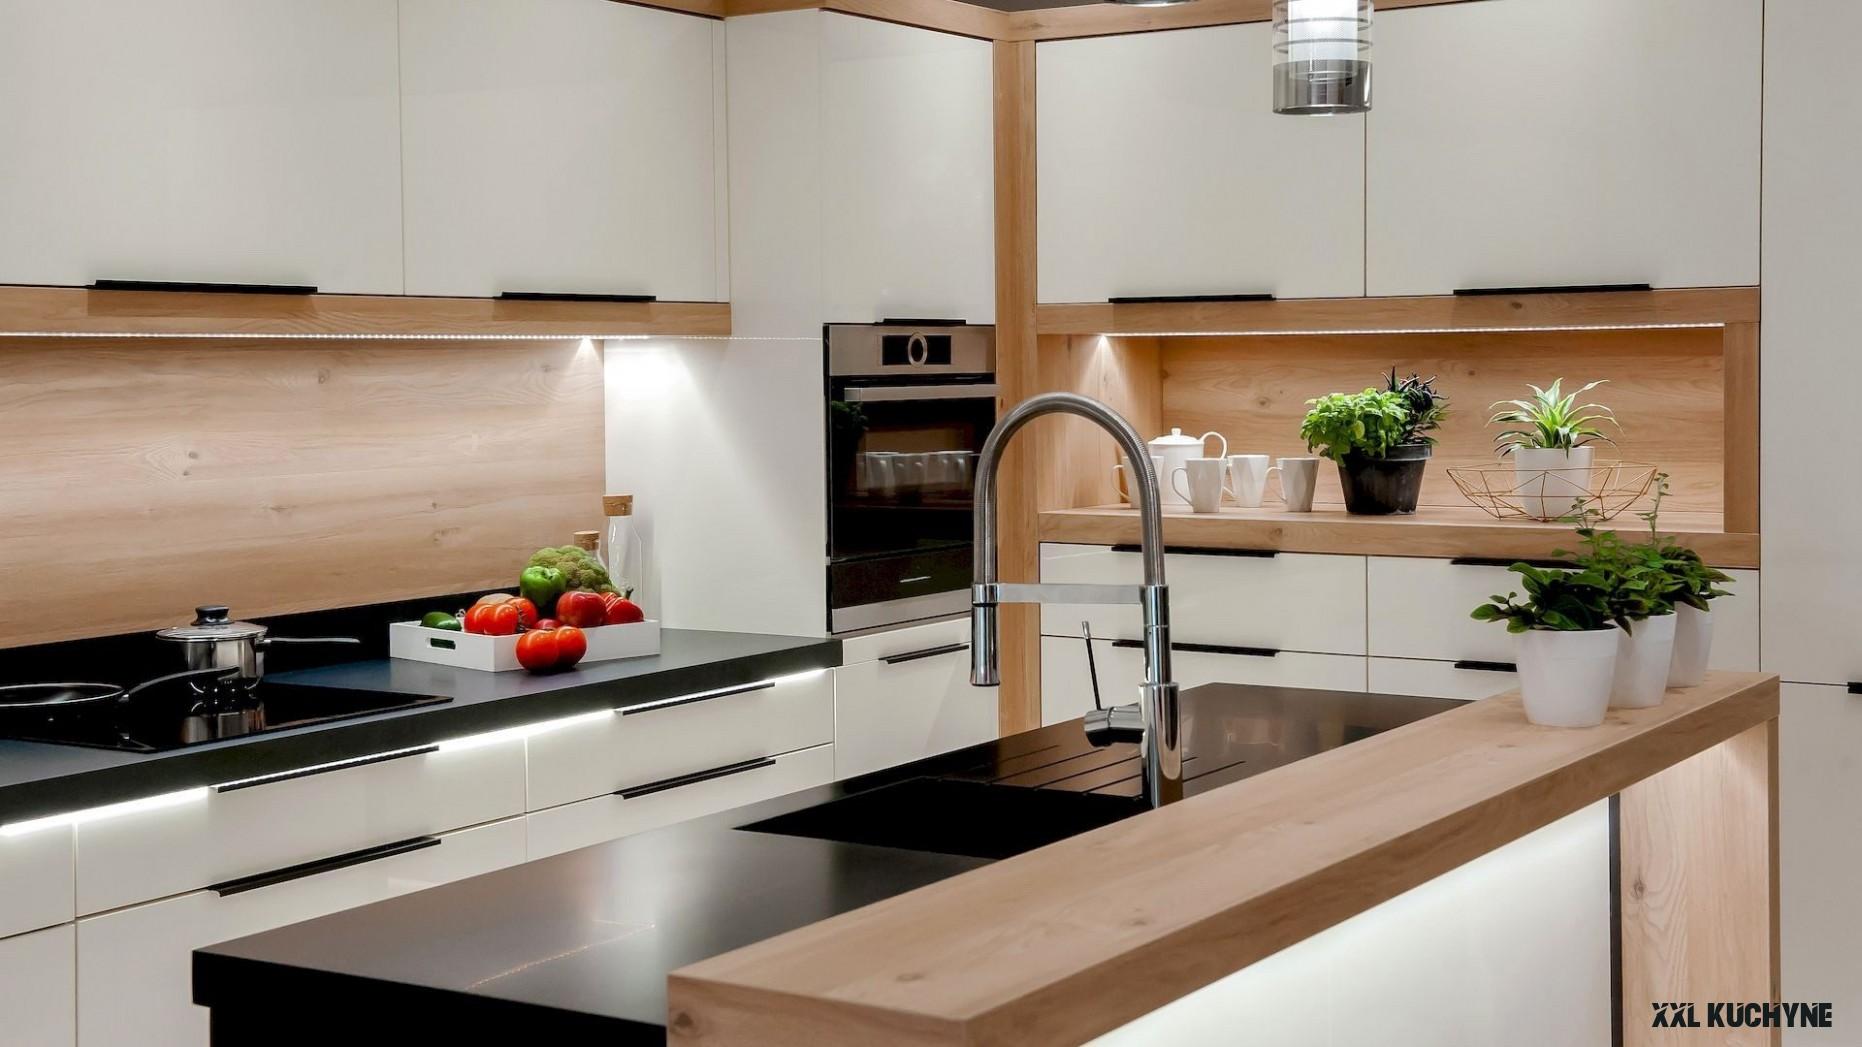 Kuchyně  Kuchyne na miru – Výrobce kuchyní